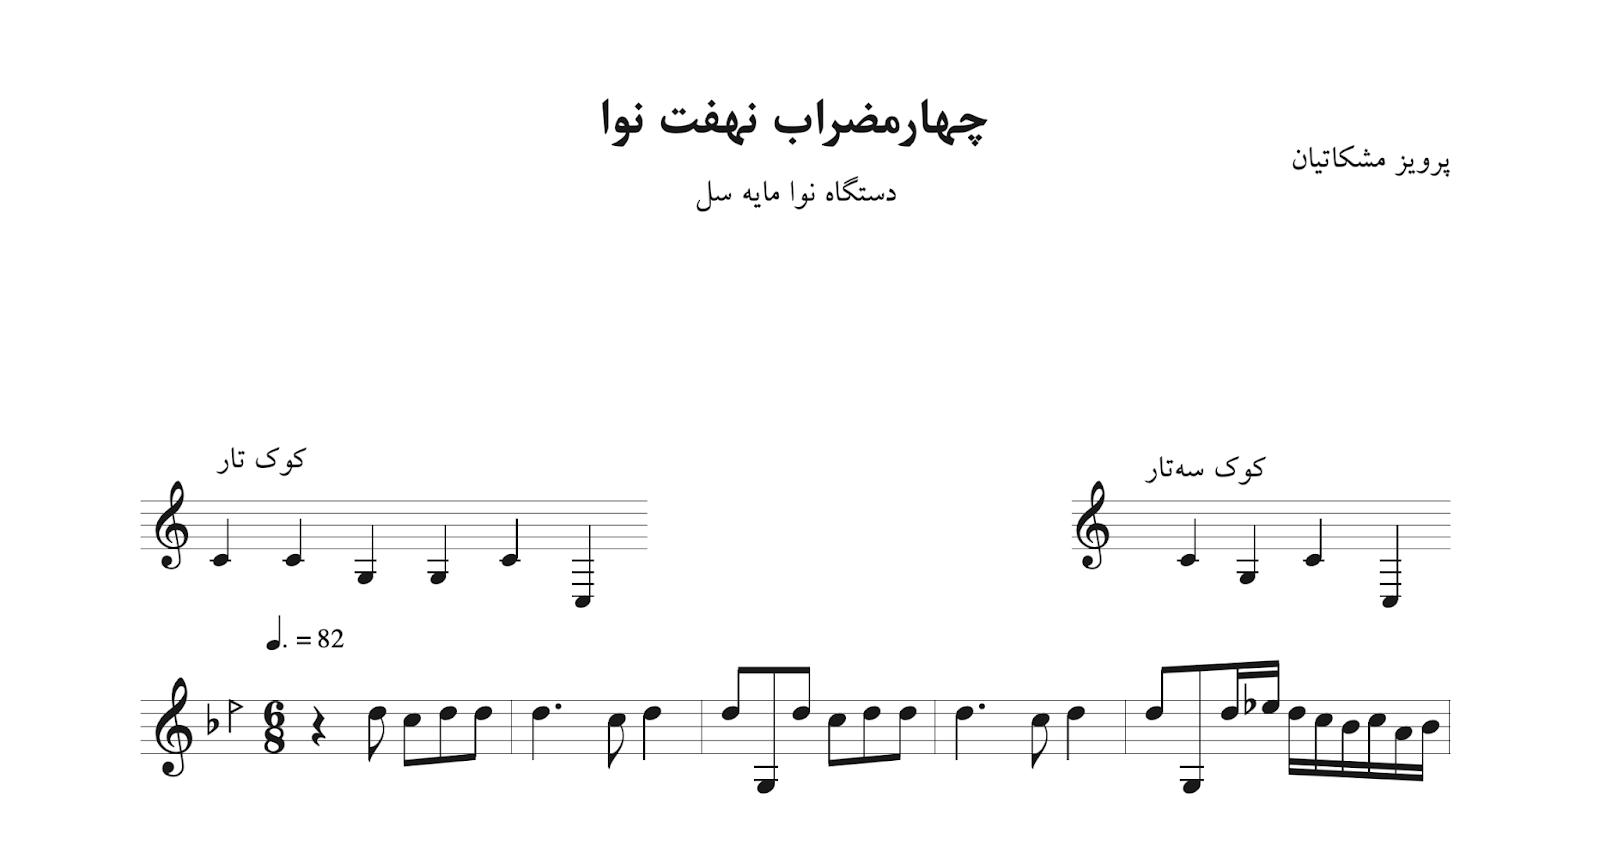 نت چهارمضراب نهفت نوا پرویز مشکاتیان